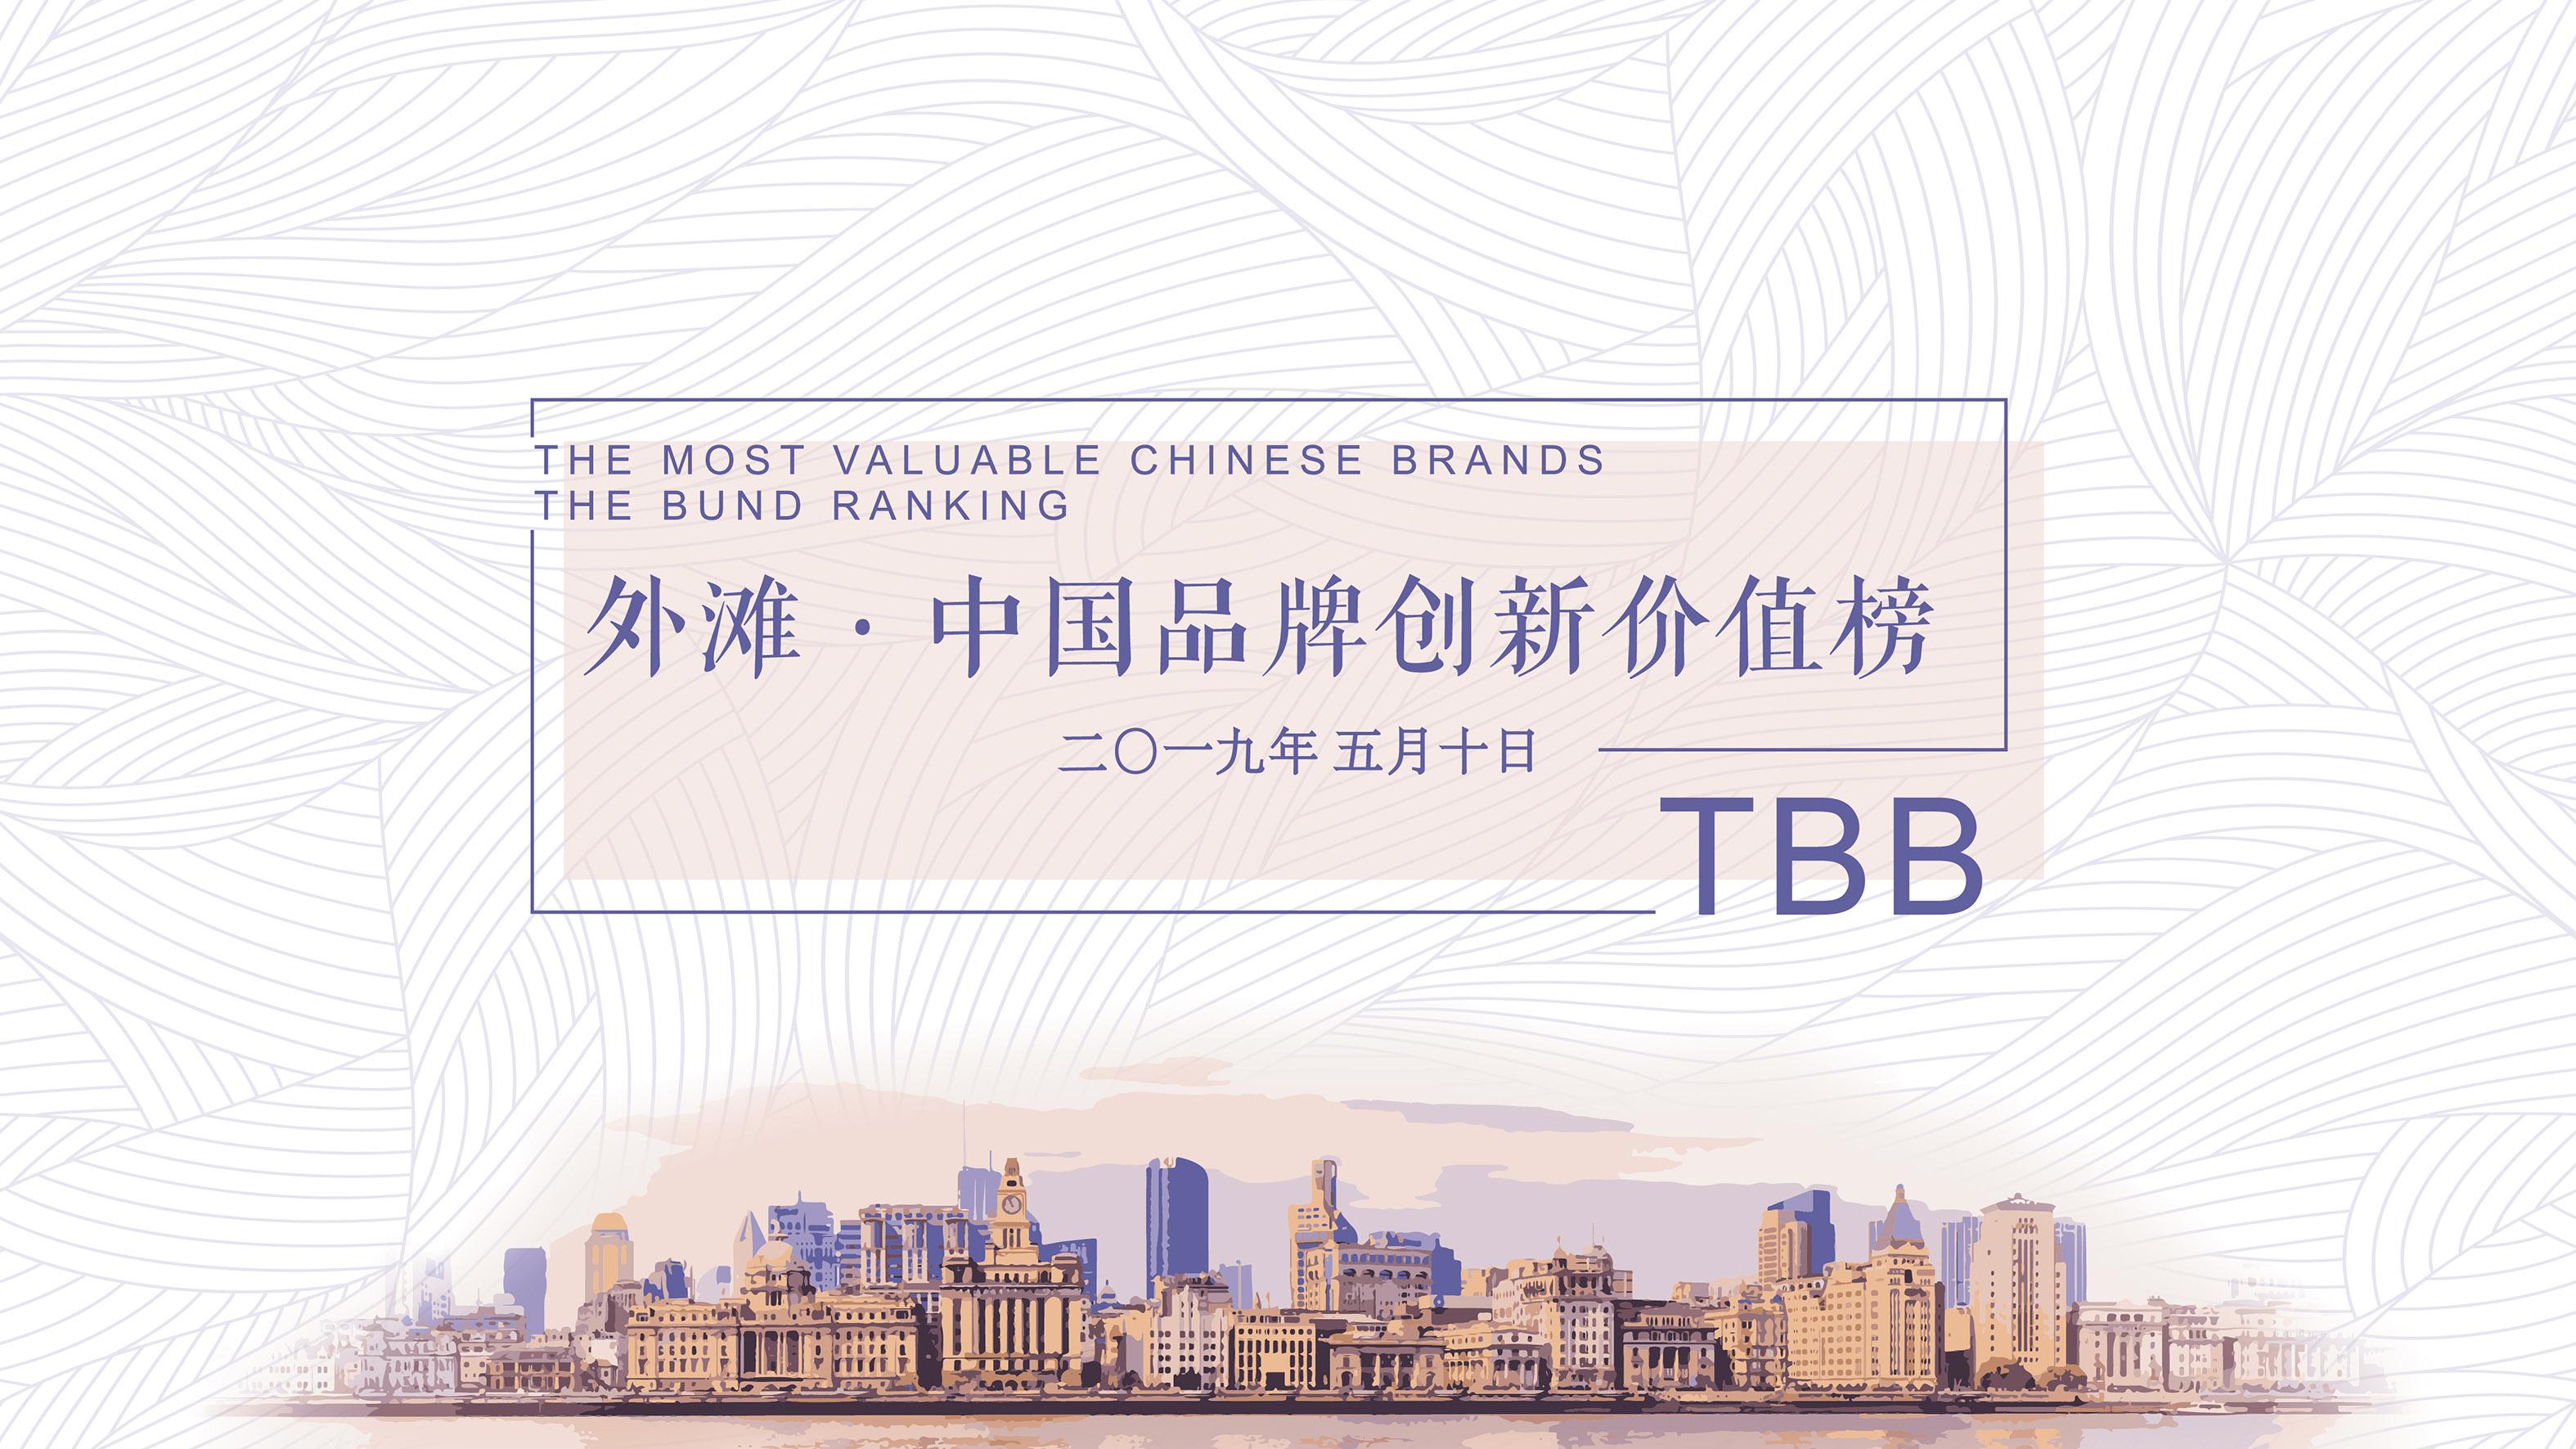 上海市经信委副主任阮力、黄浦区副区长陈卓夫为外滩品牌榜致辞